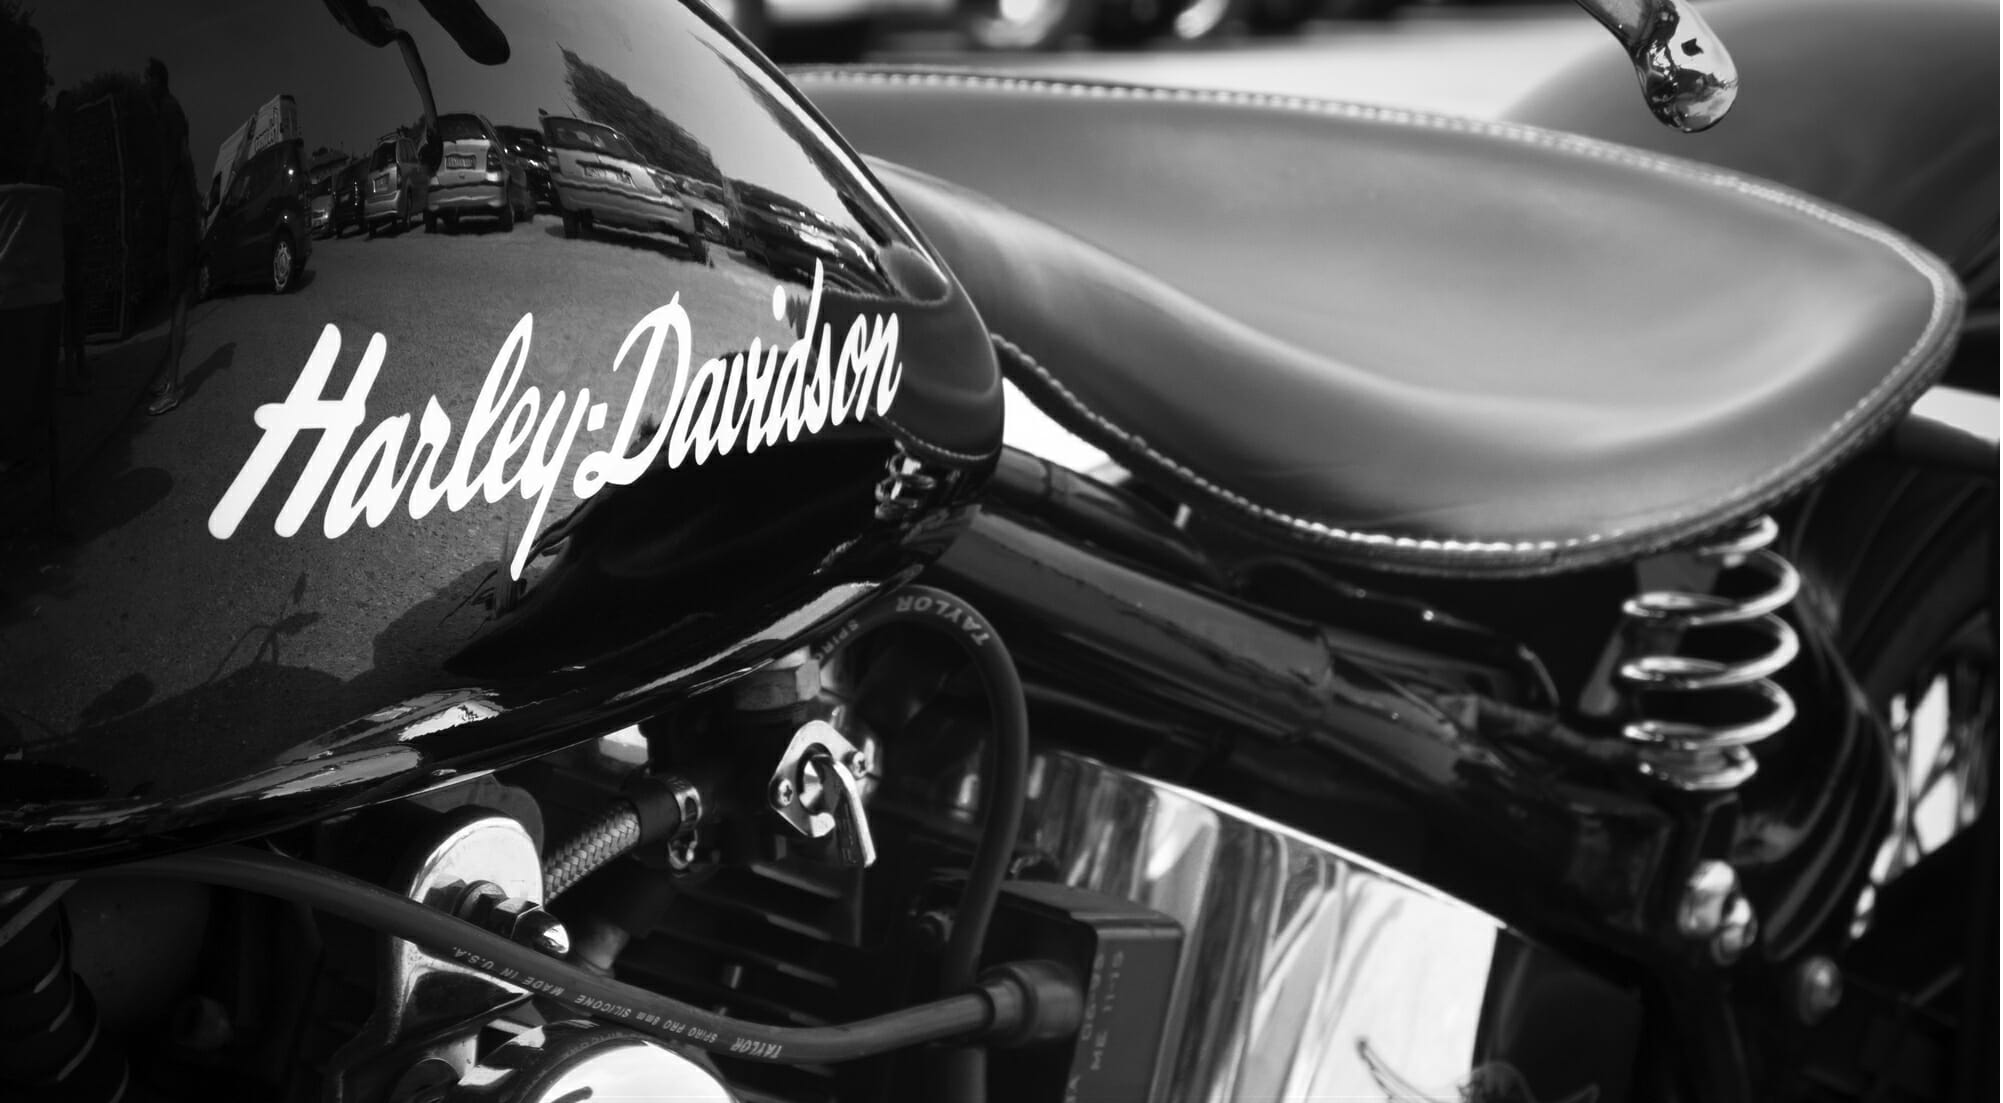 Sono un motociclista old fashion, una moto elettrica non potrà mai farmi sognare